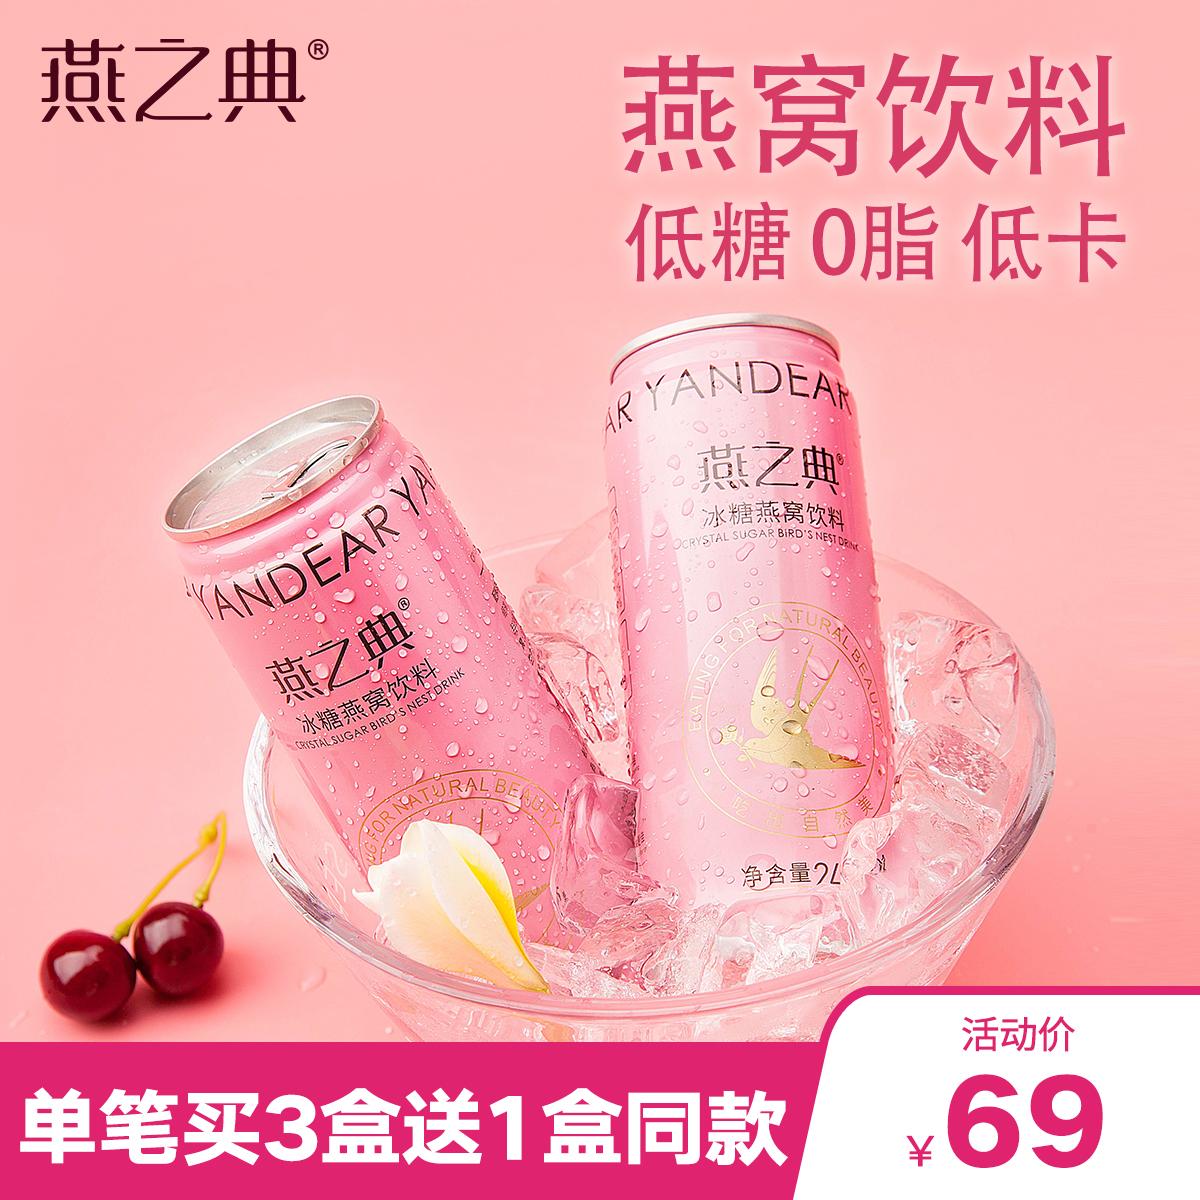 燕之典 即食燕窝红枣冰糖夏日饮品夏季饮料整箱罐装6瓶